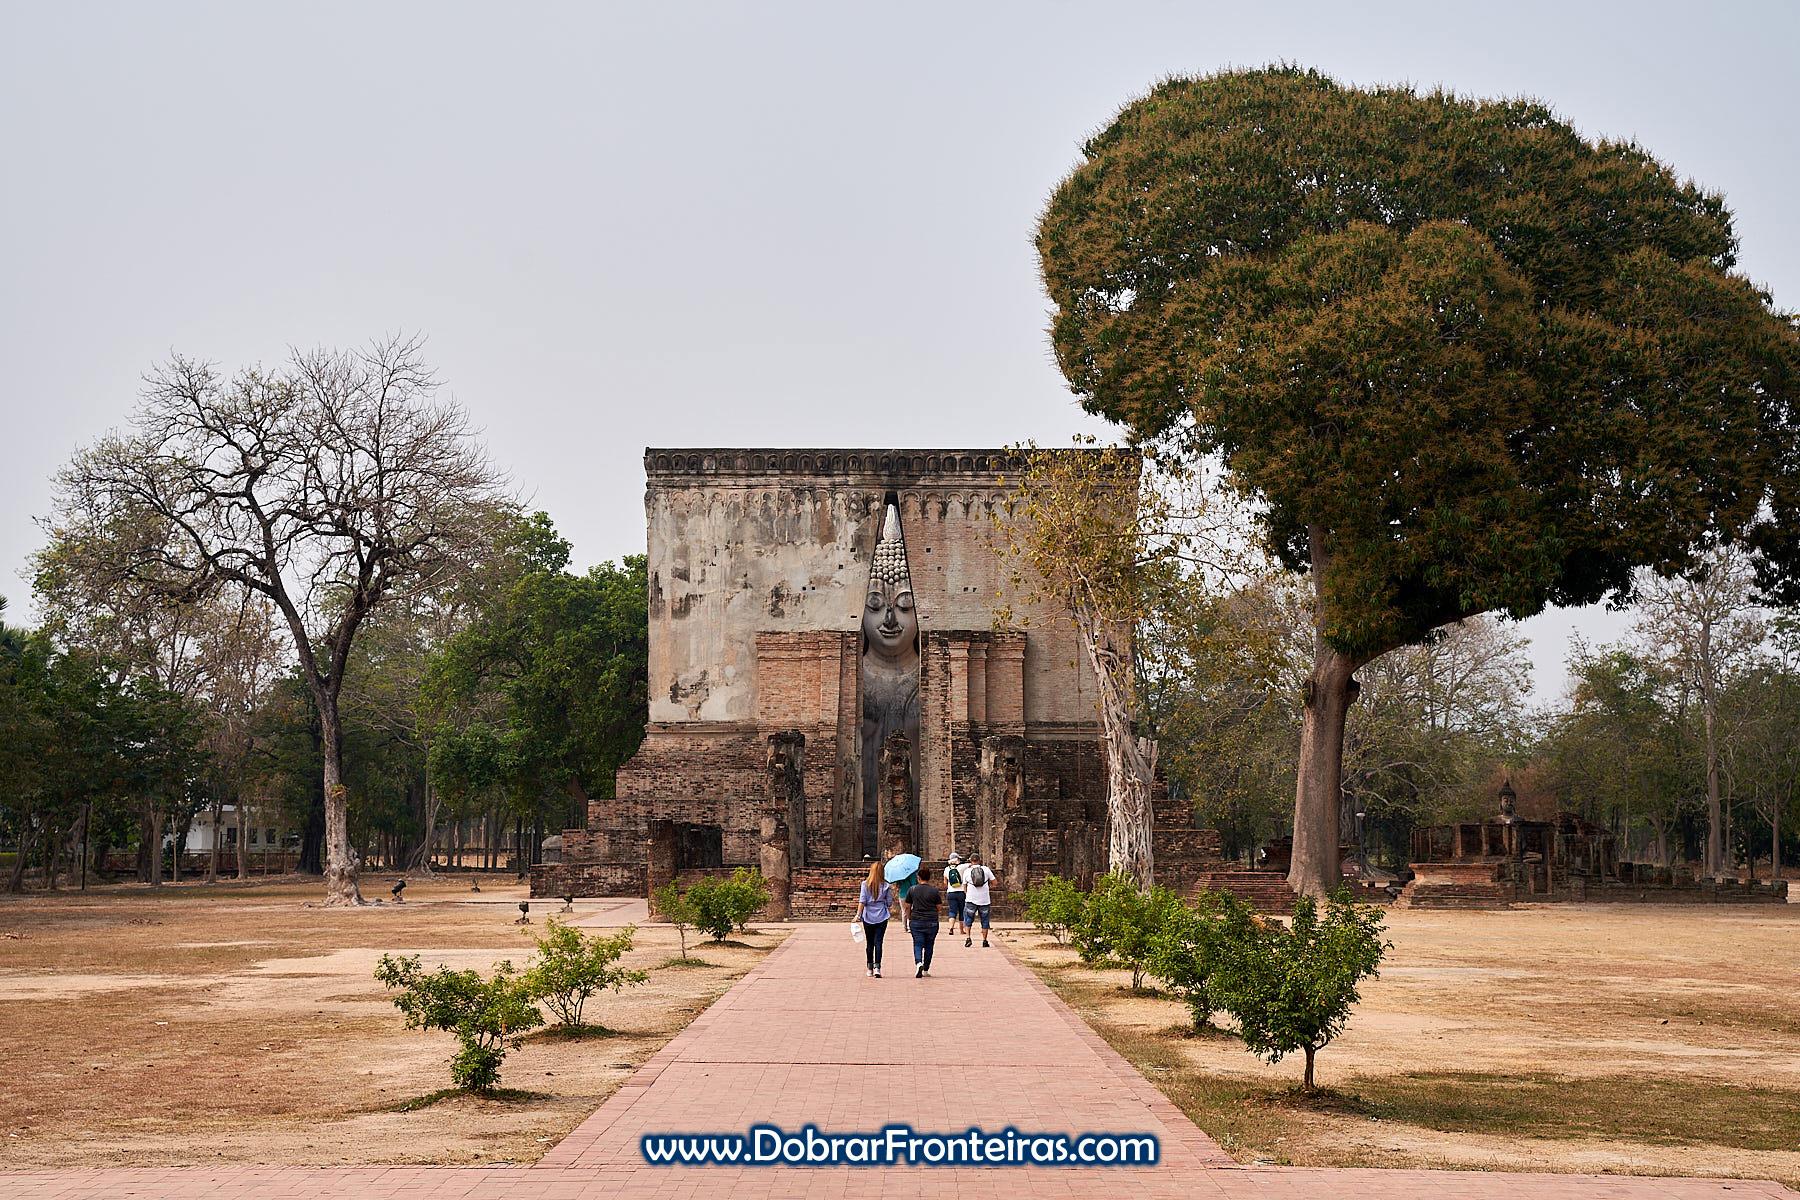 Templo com Buda e grande árvore